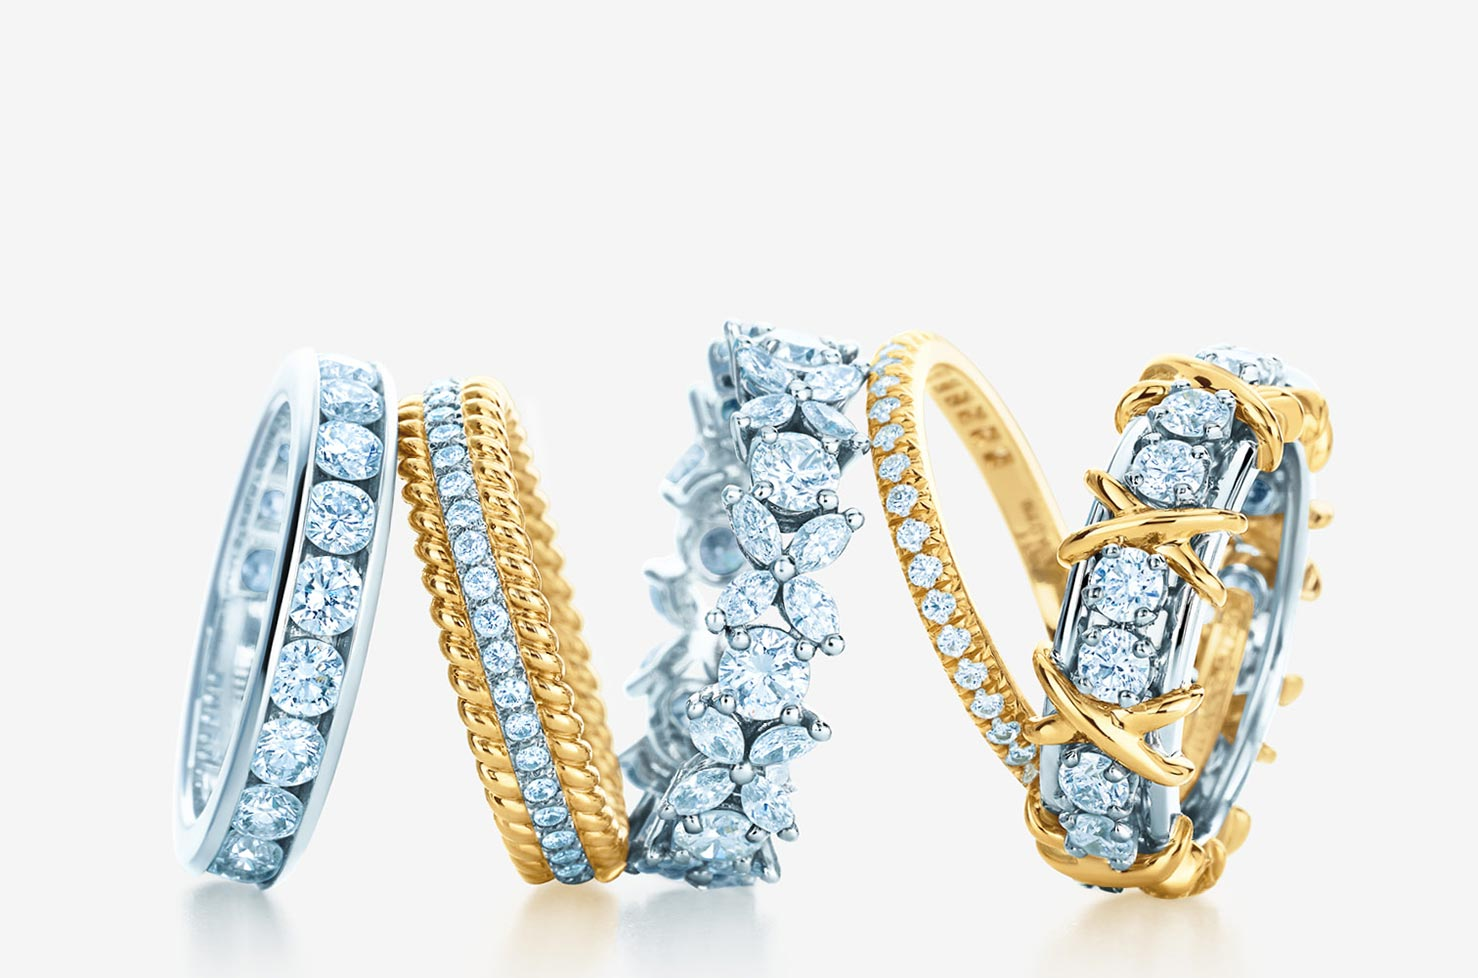 20150216_Jewelry_3x2_t1